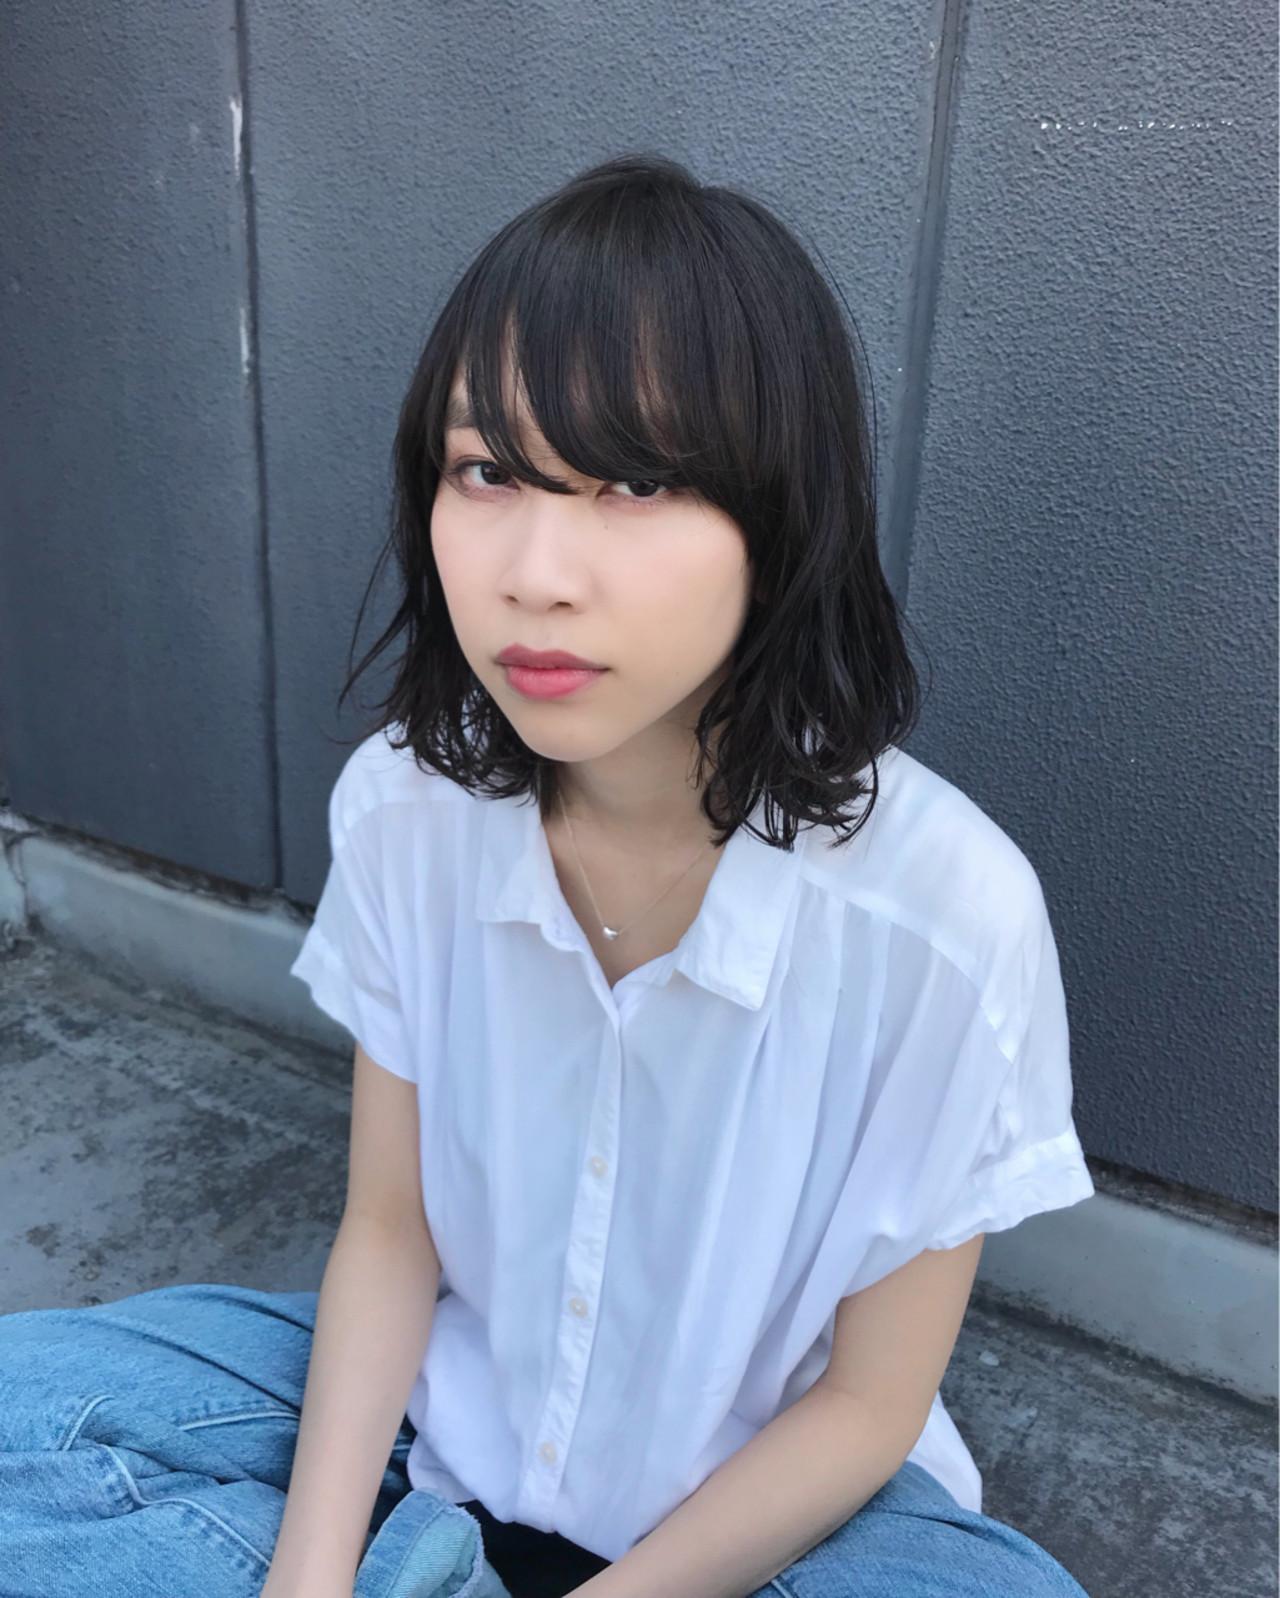 黒髪 ヘアアレンジ 色気 ショート ヘアスタイルや髪型の写真・画像